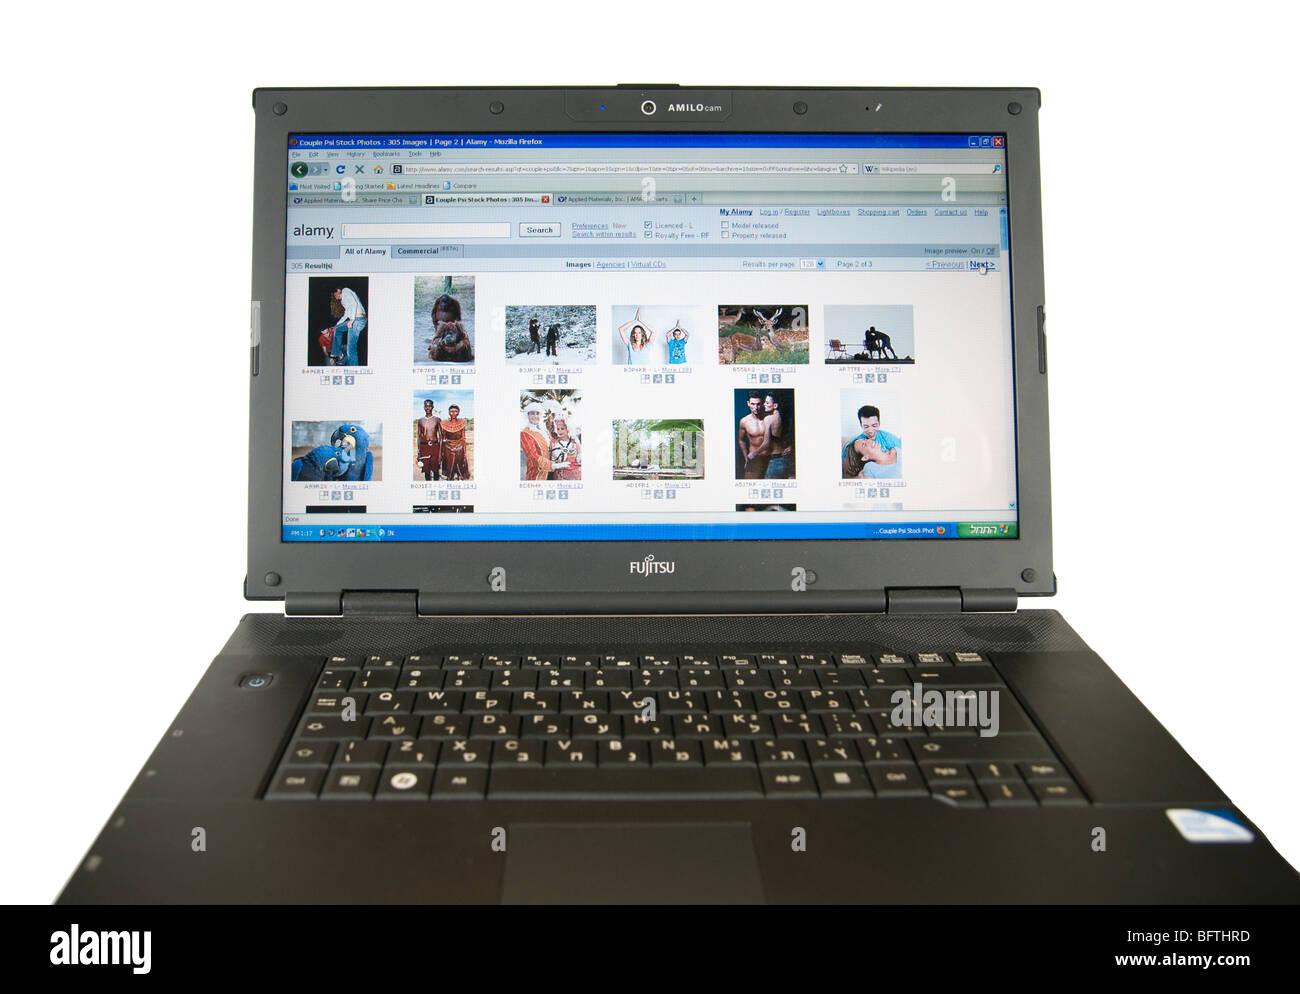 Ausschnitt aus einem Laptop-Computer-Bildschirm zeigt Alamy Suchergebnisse auf weißem Hintergrund Stockbild